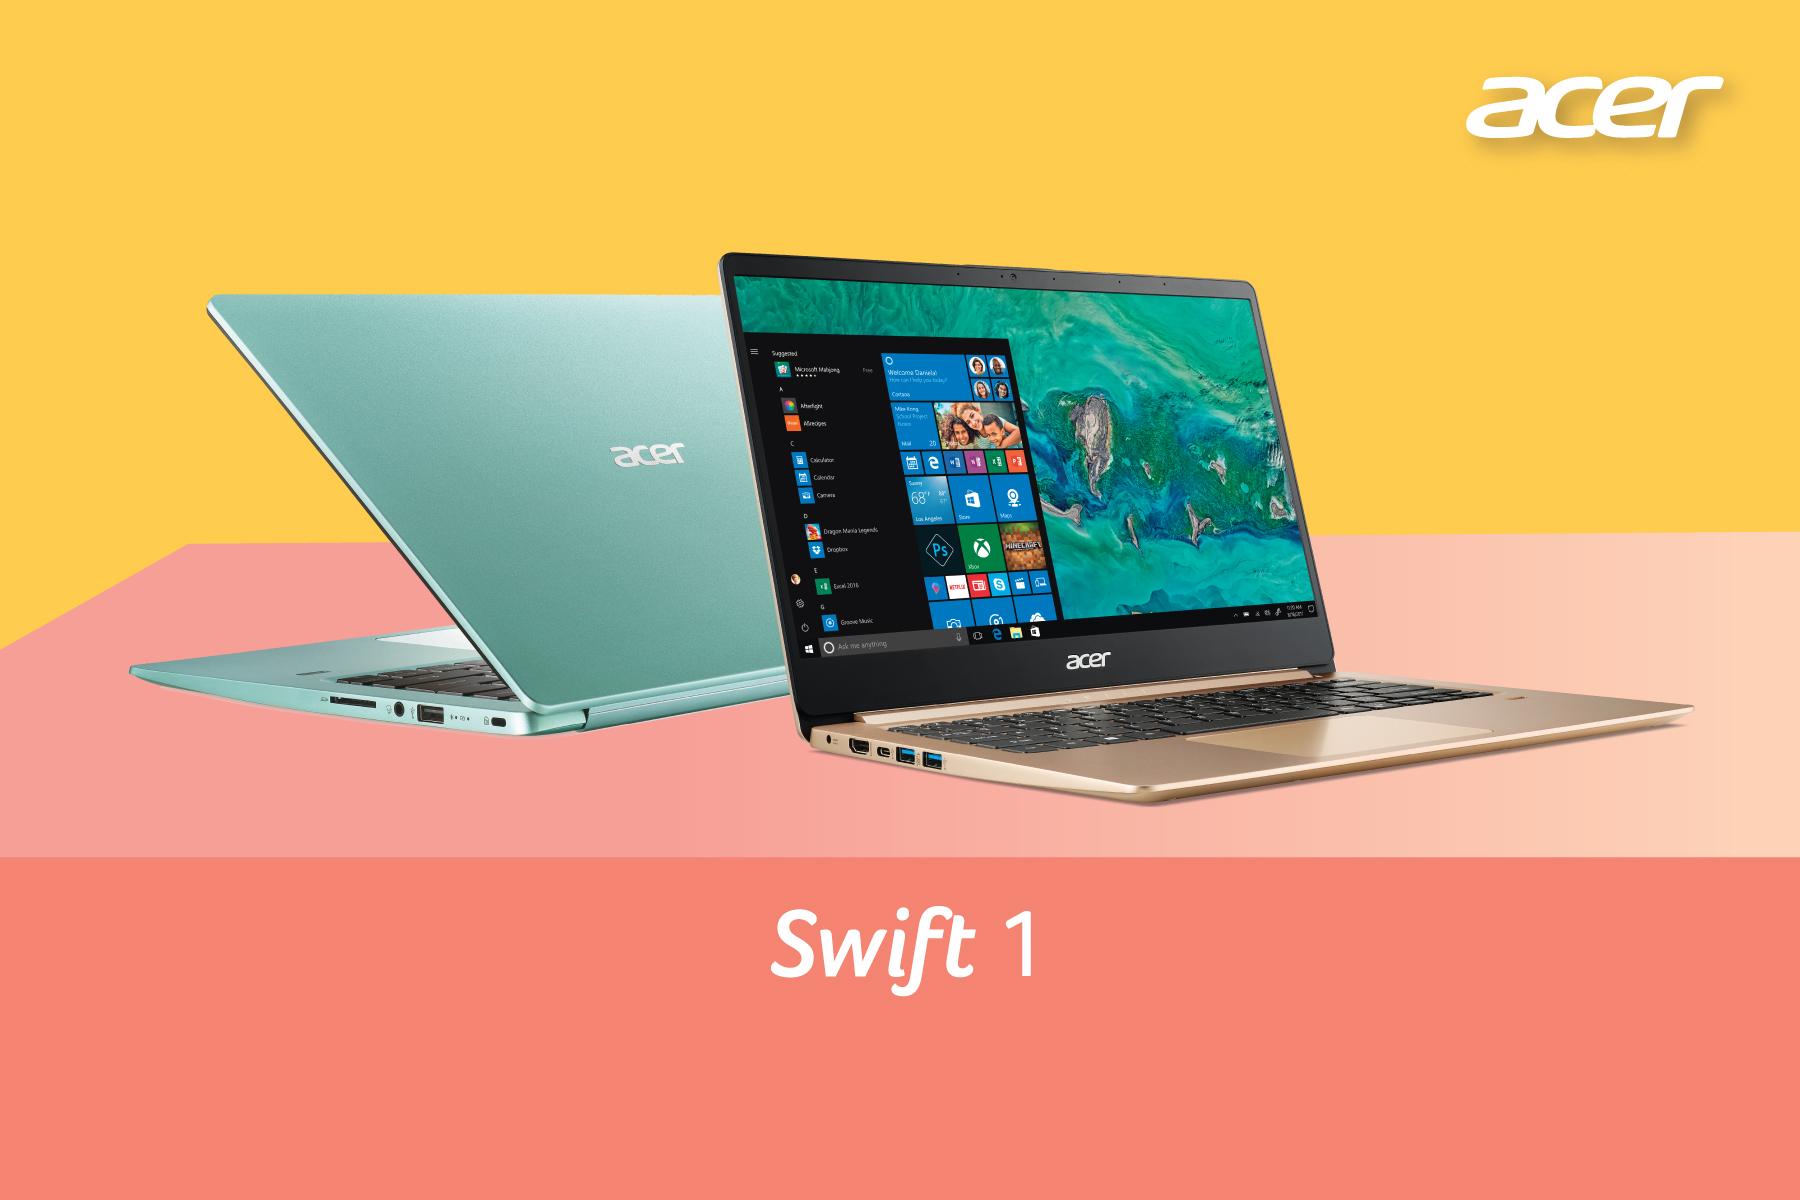 Hiệu quả vượt trội với dòng laptop dành riêng cho doanh nhân Acer Swift Series - Ảnh 3.